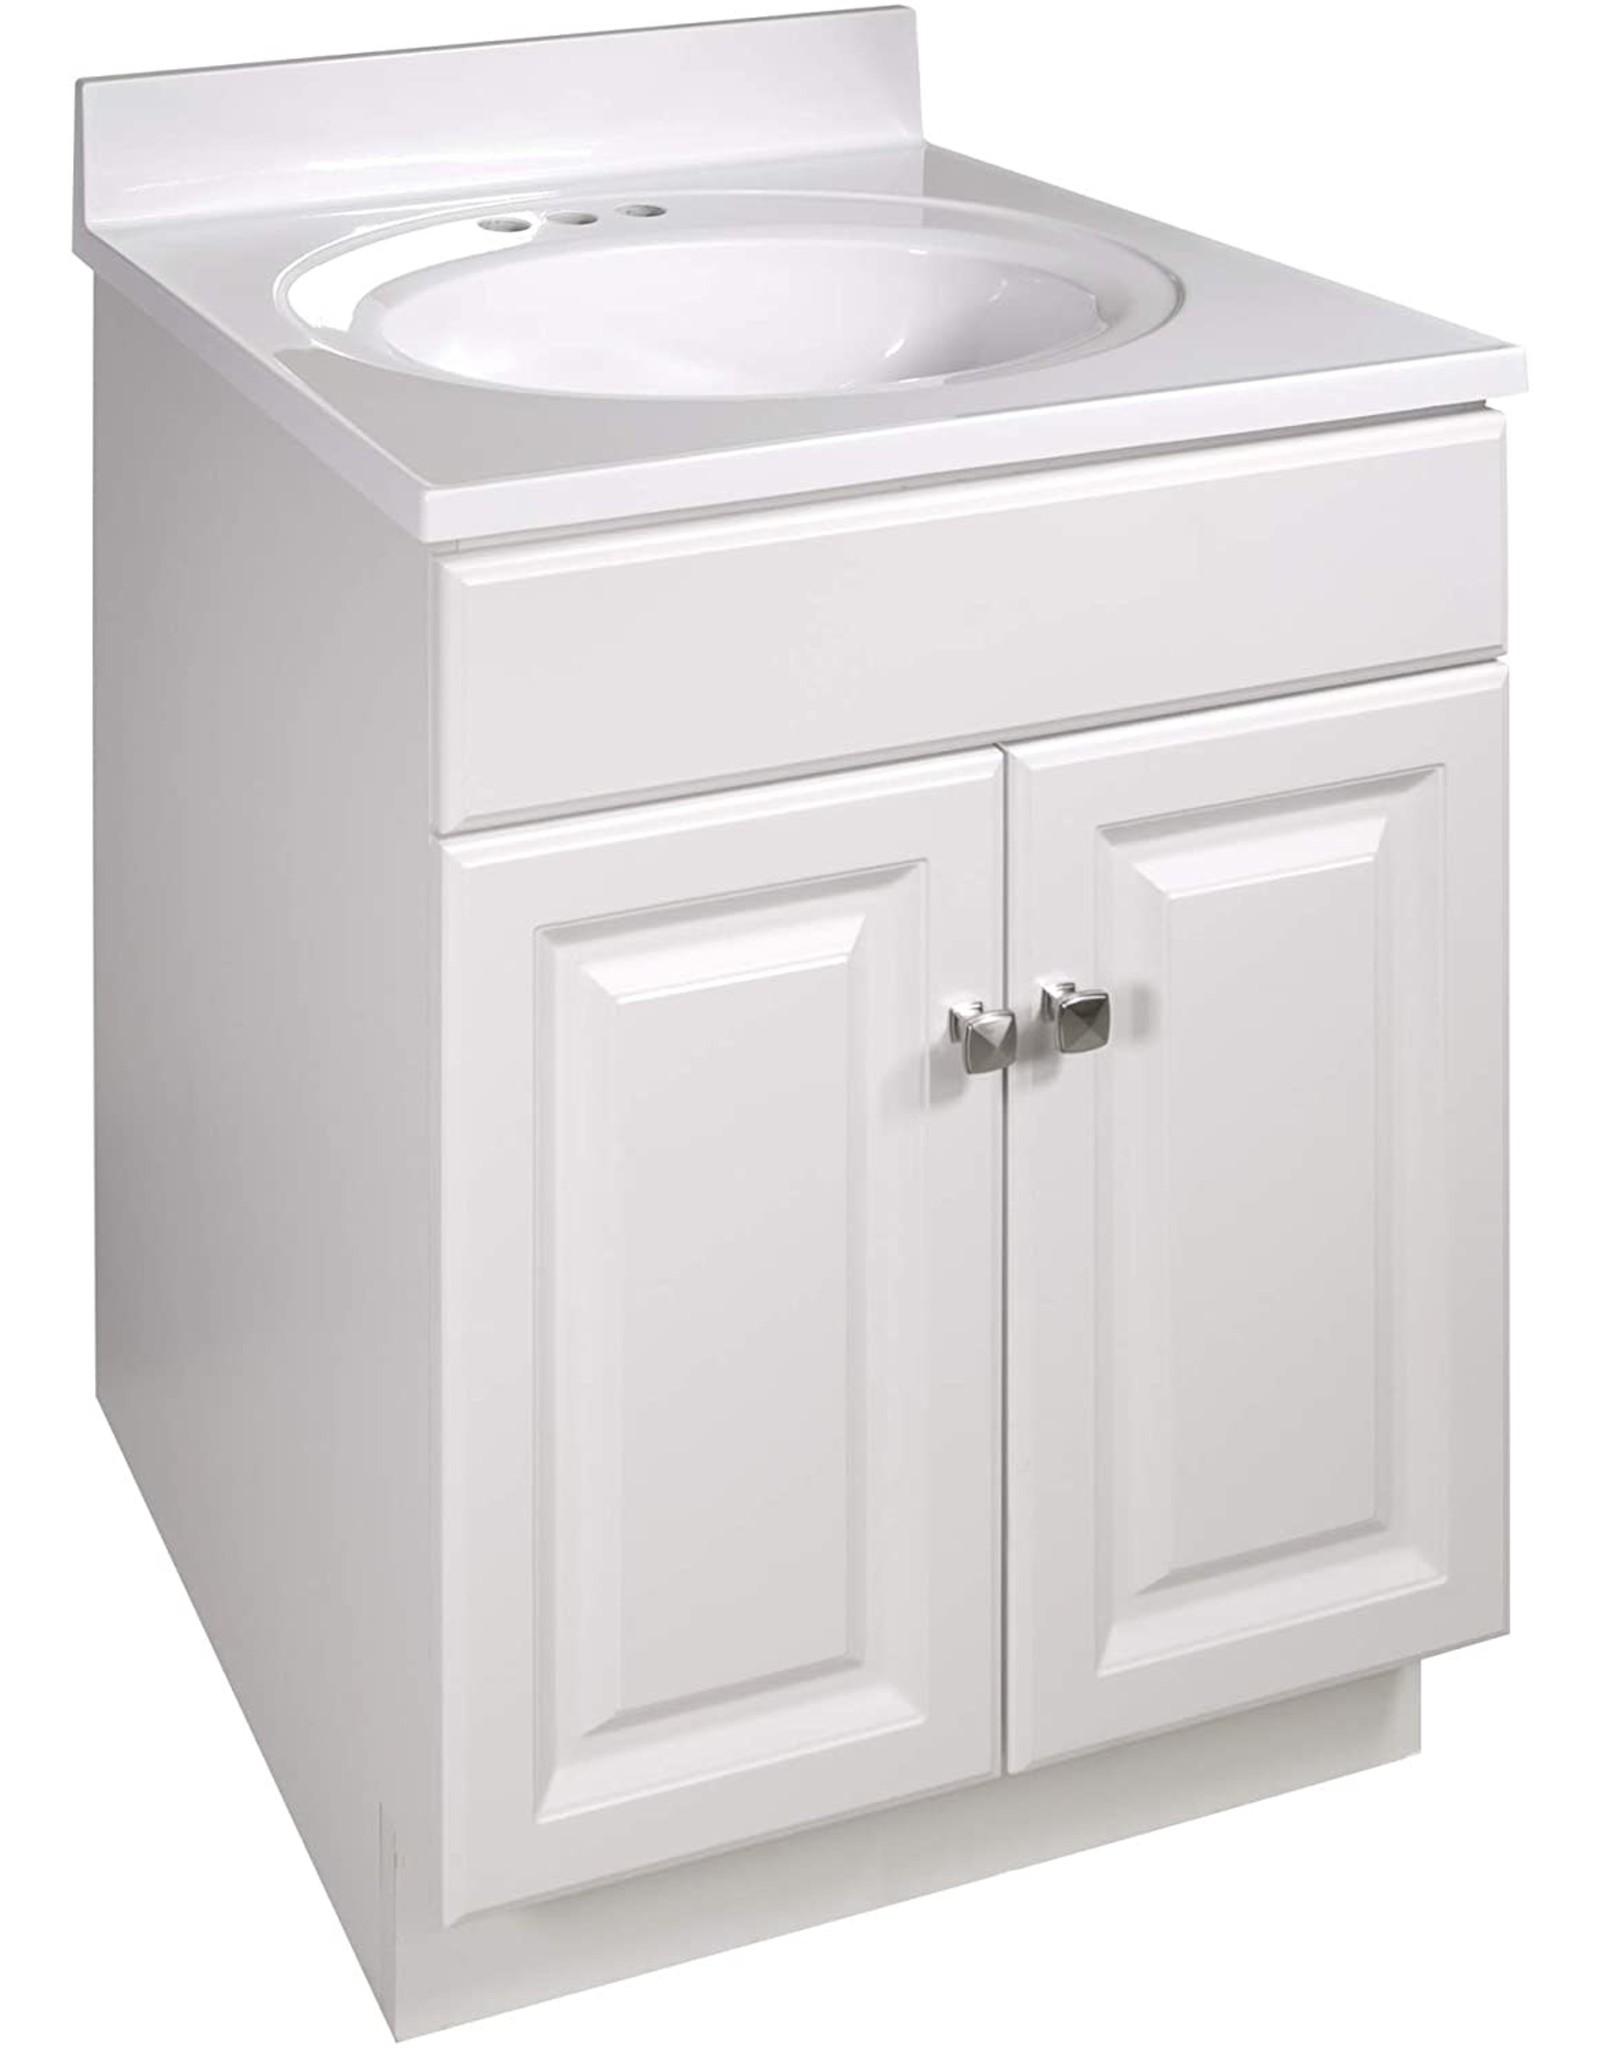 Design House Design House 586453 Wyndham 2-Door Vanity , Unassembled, 25x22, White (Cabinet Only)